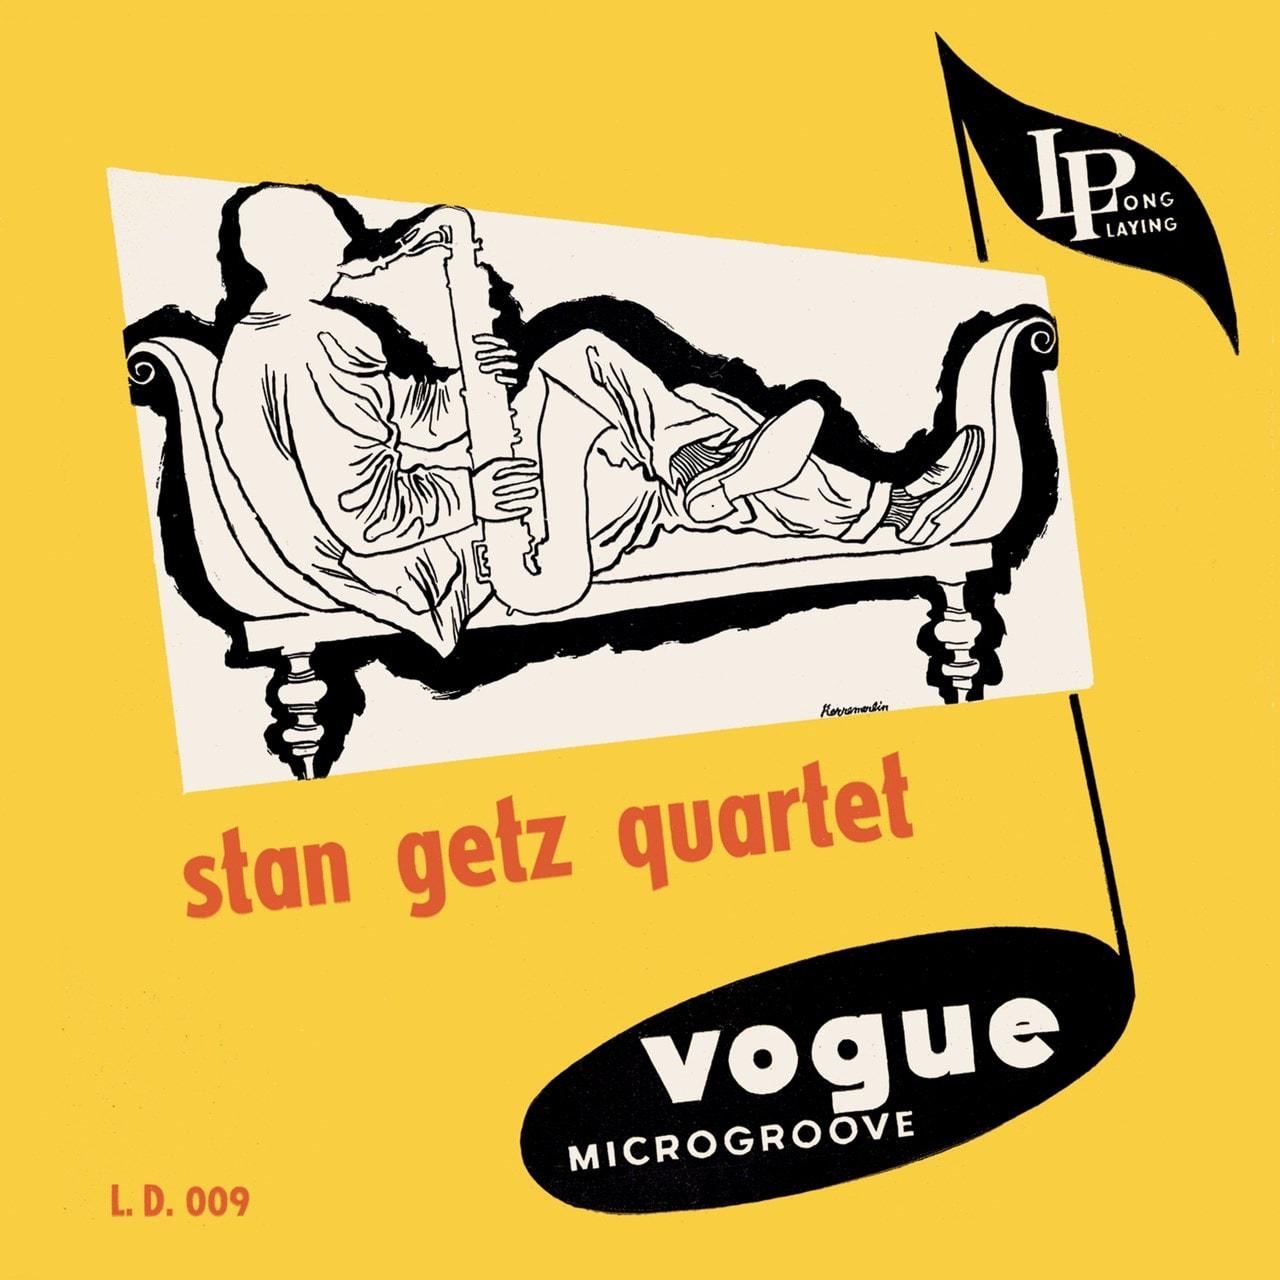 Stan Getz Quartet - 1